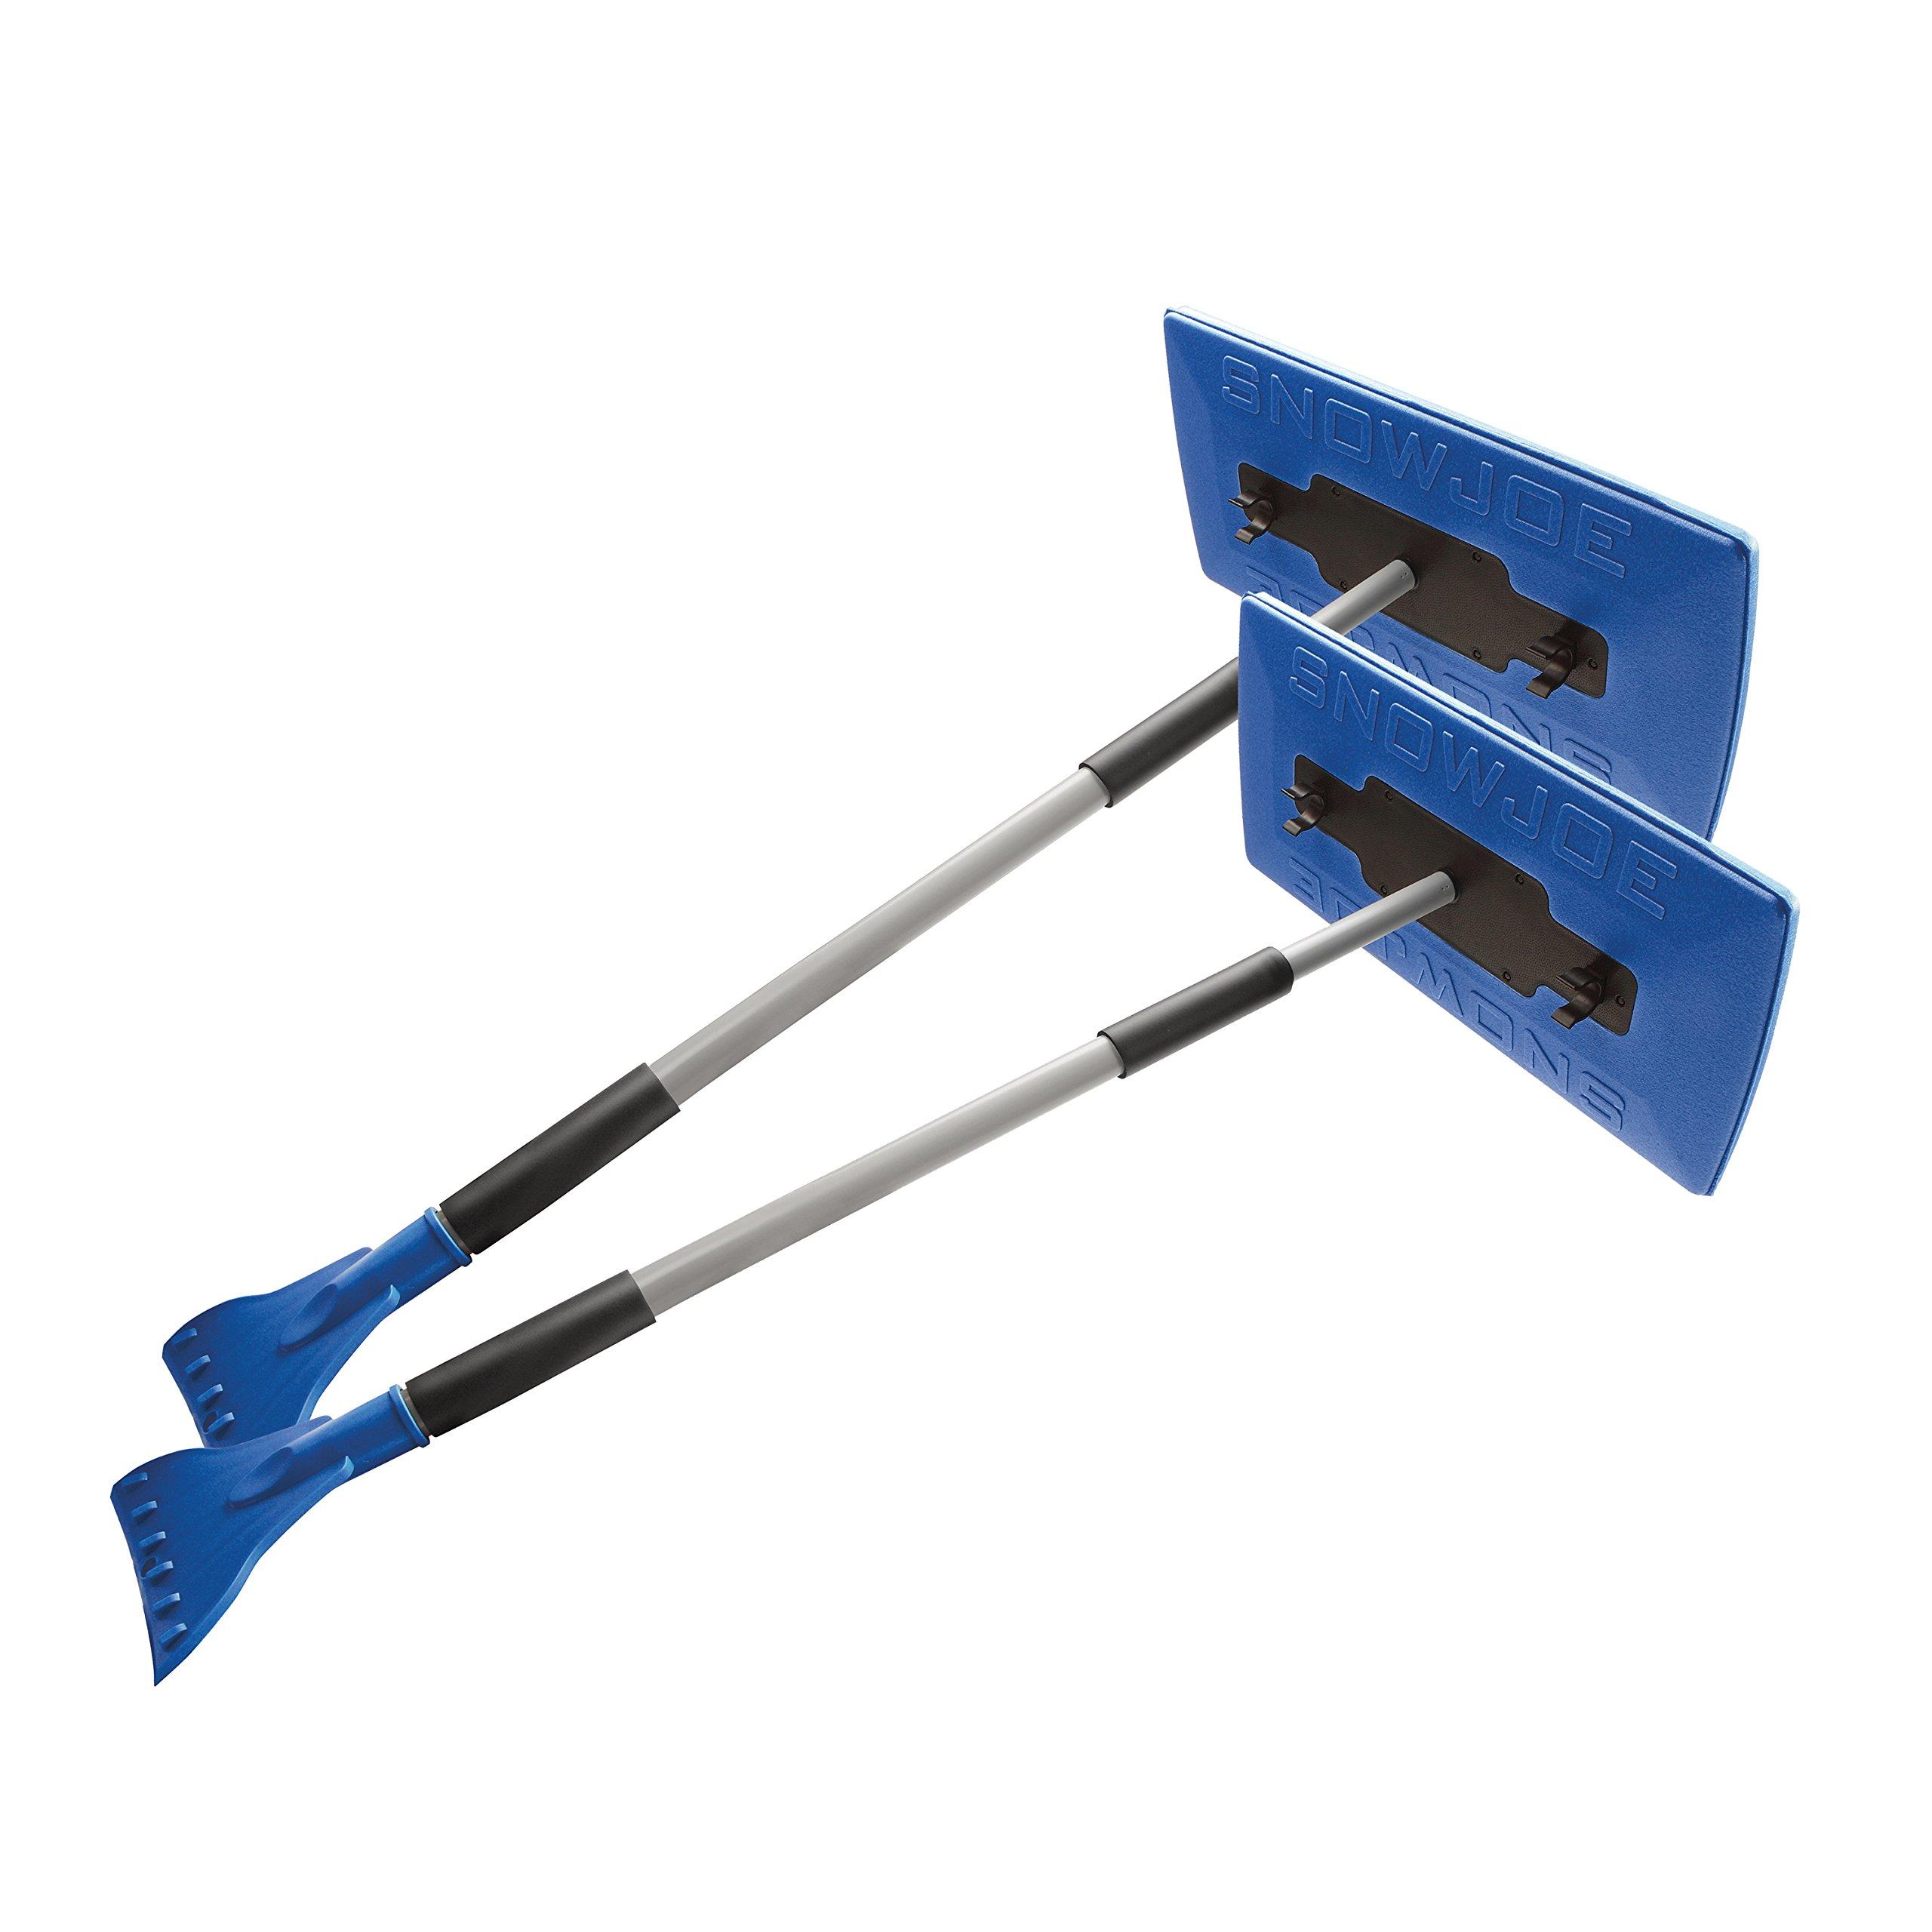 Snow Joe SJBLZD-JMB2-SJB 2-Pack Jumbo Telescoping Snow Broom + Ice Scraper, Blue/Blue